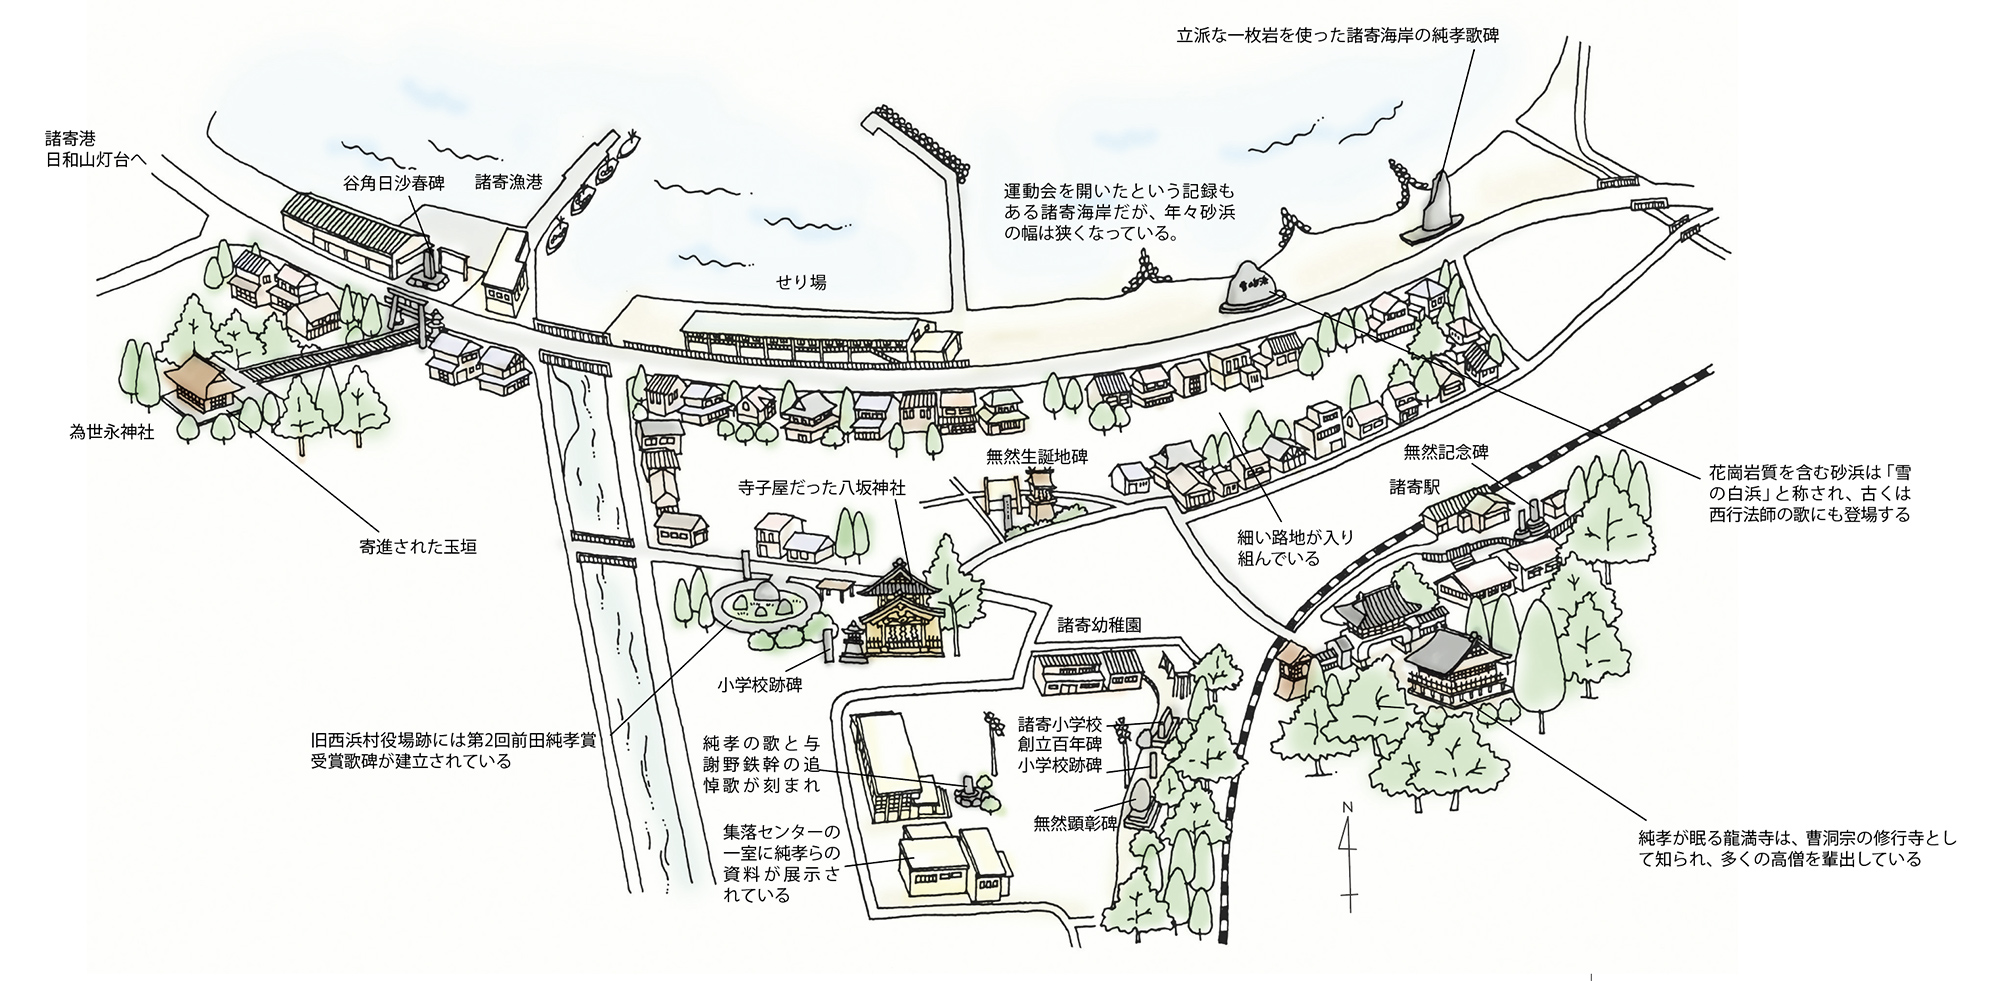 前田純孝の故郷を歩く<新温泉町諸寄>(Vol.57/2006年1月発行)